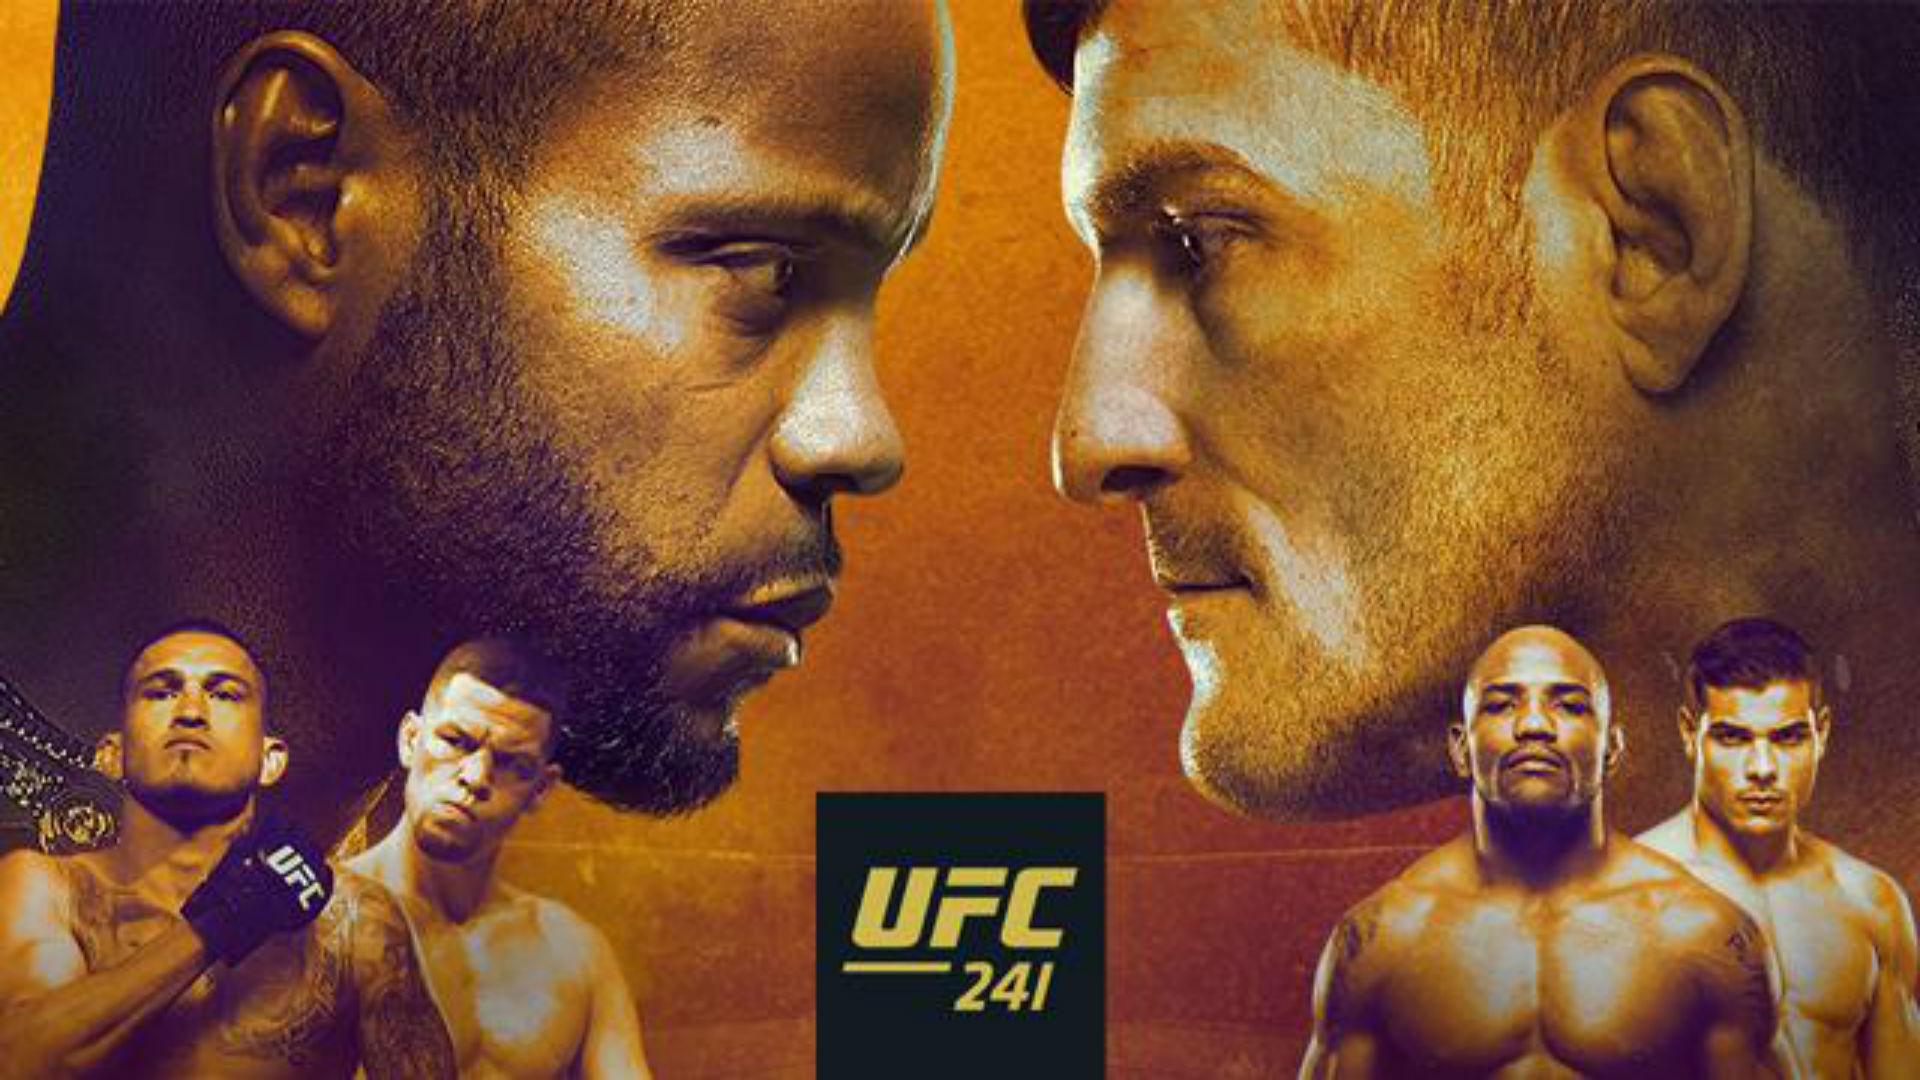 When is UFC 241 - Cormier vs M...